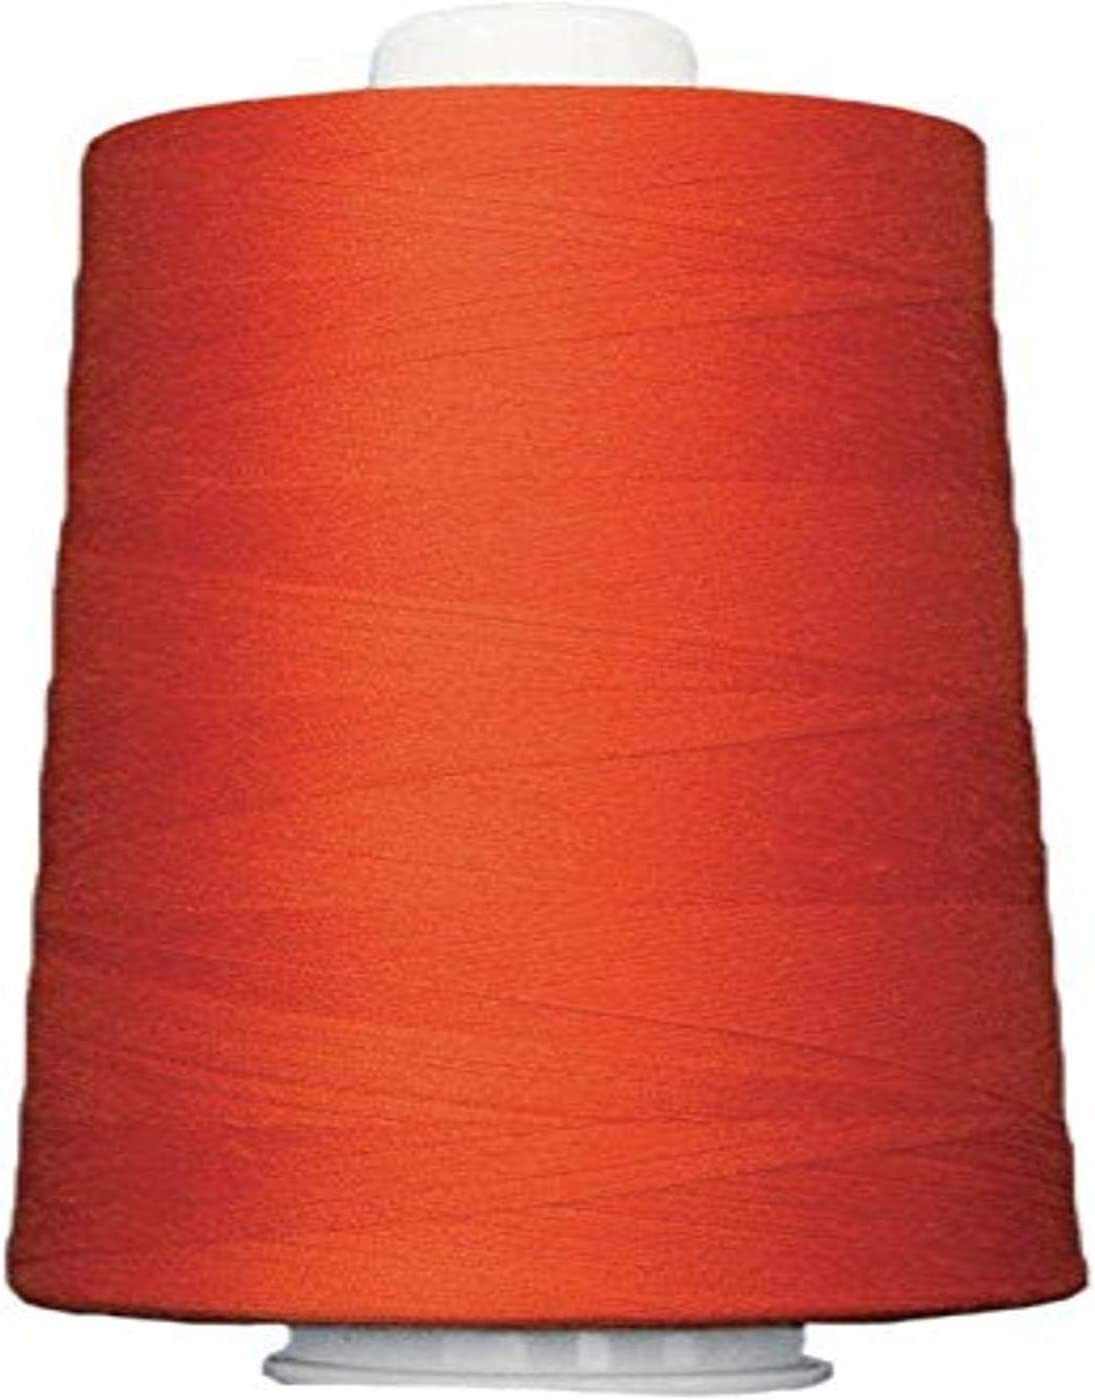 6000 yd Tangerine Superior Threads 13402-3155QC Omni 40W Polyester Thread